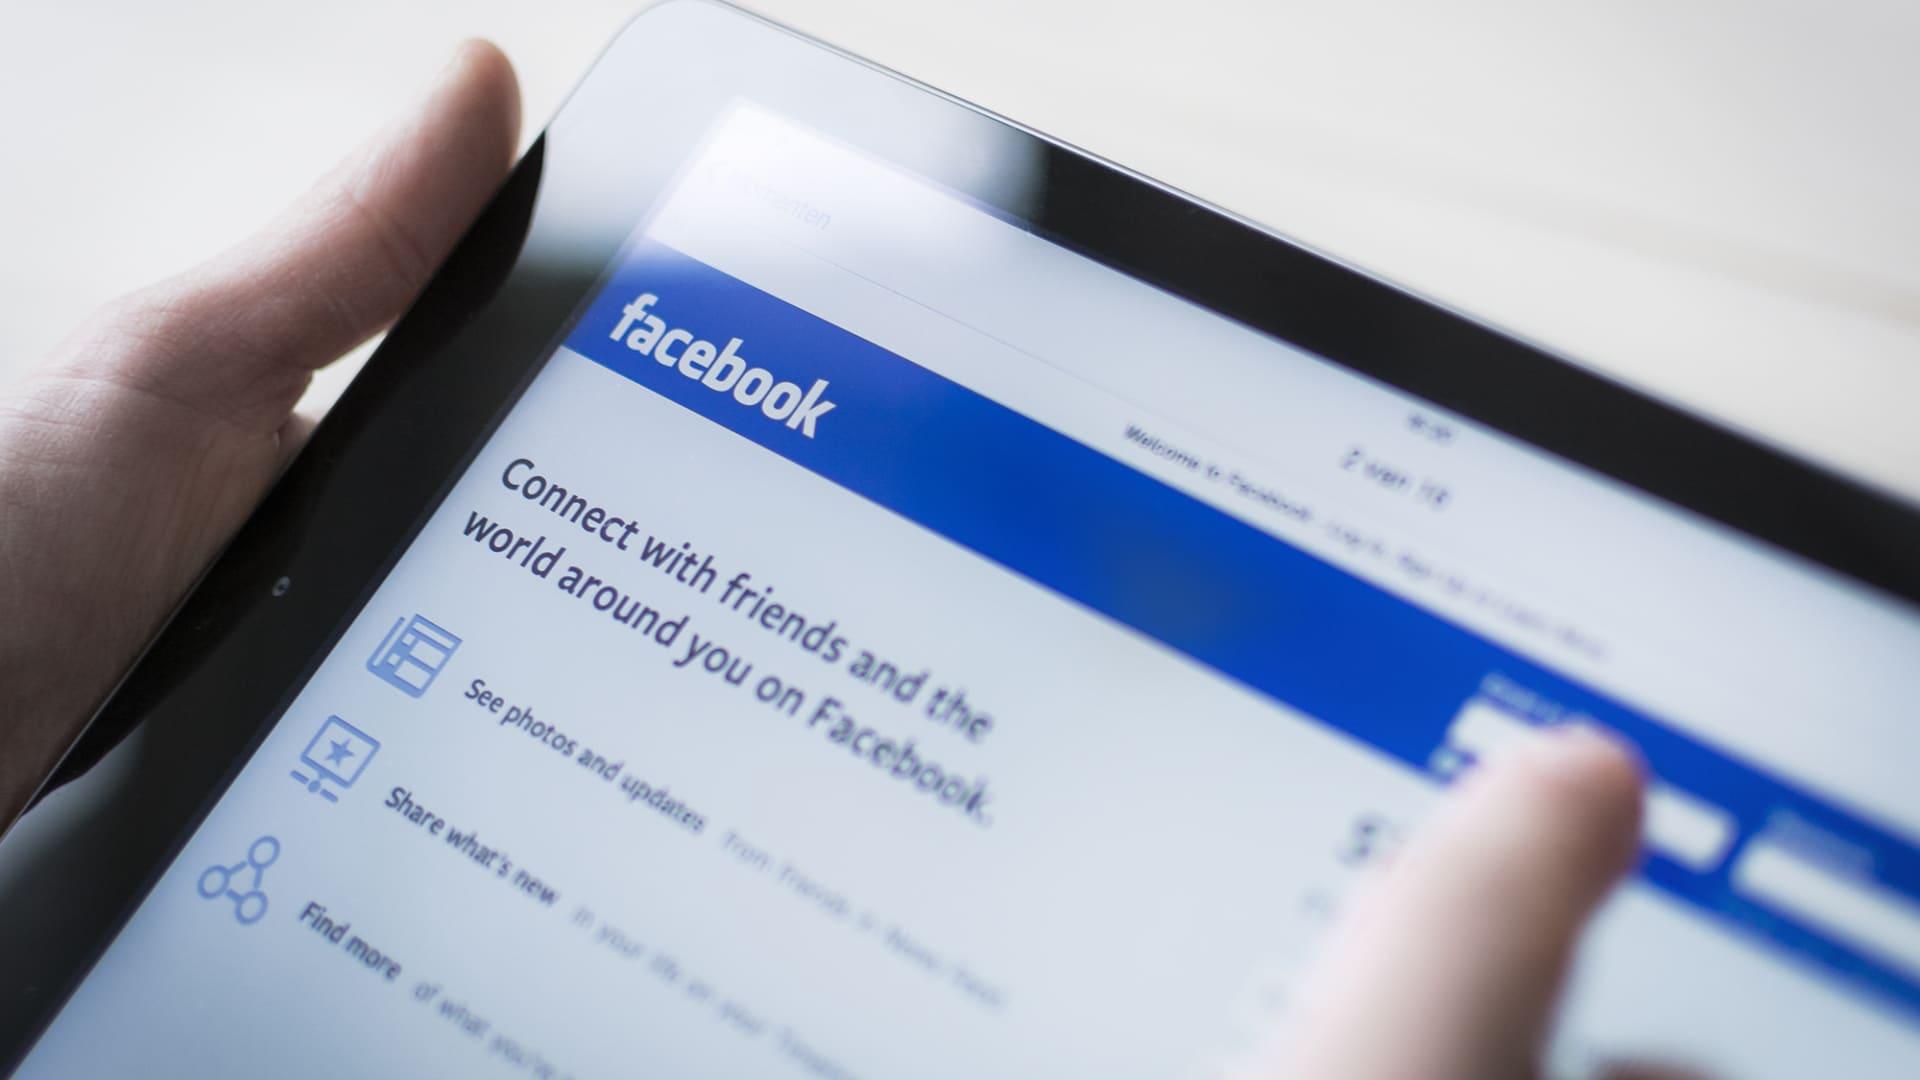 كيف تعرف إذا كان حسابك على فيسبوك من بين الحسابات التي تم اختراقها؟